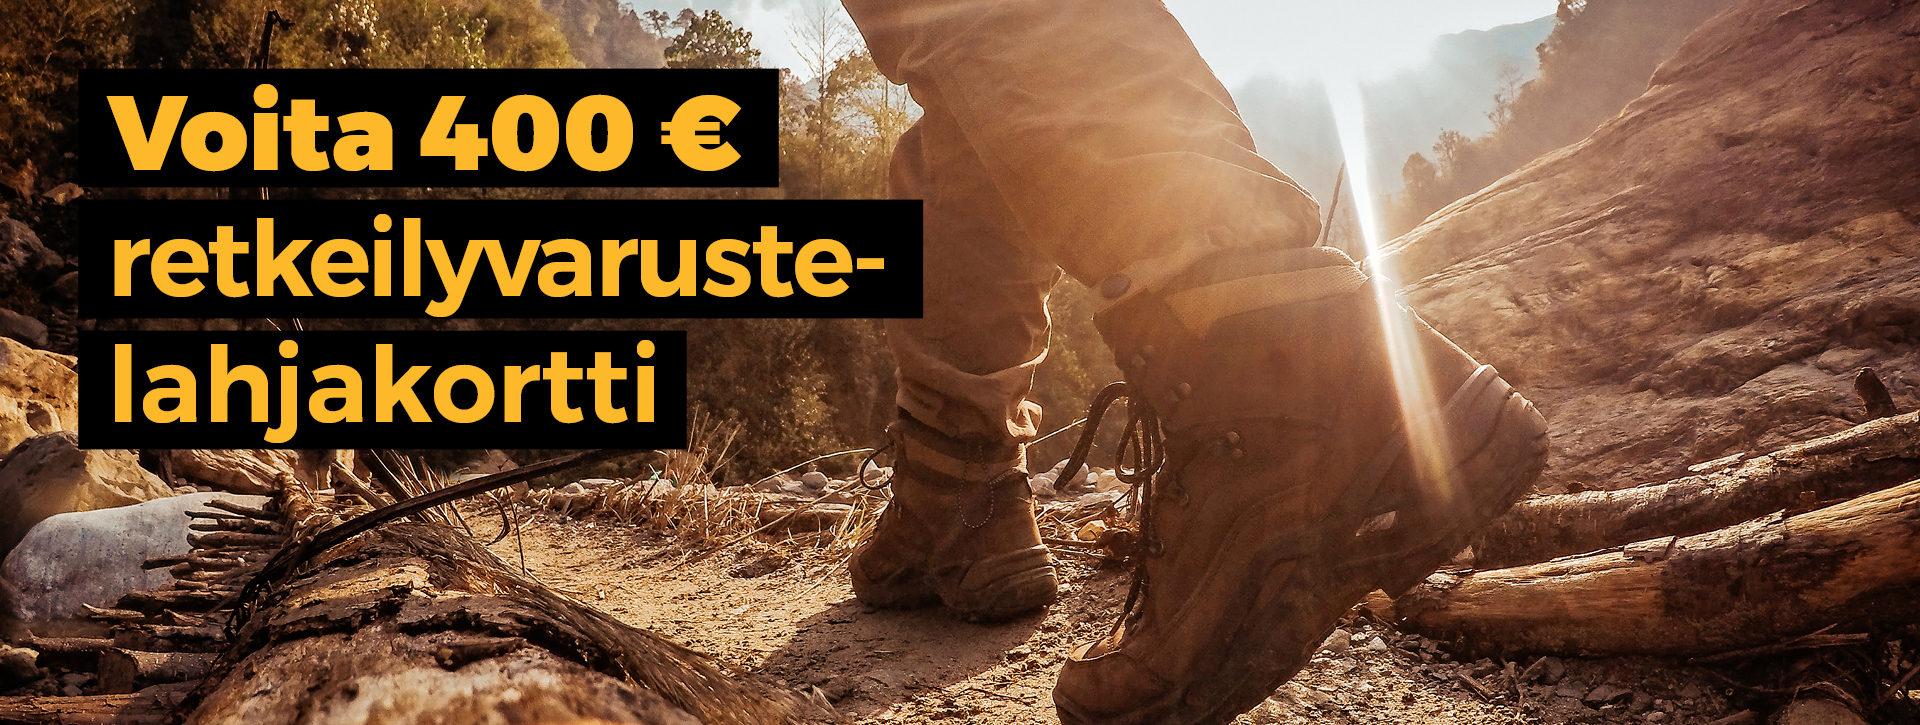 Voita 400 € retkeilyvarustelahjakortti